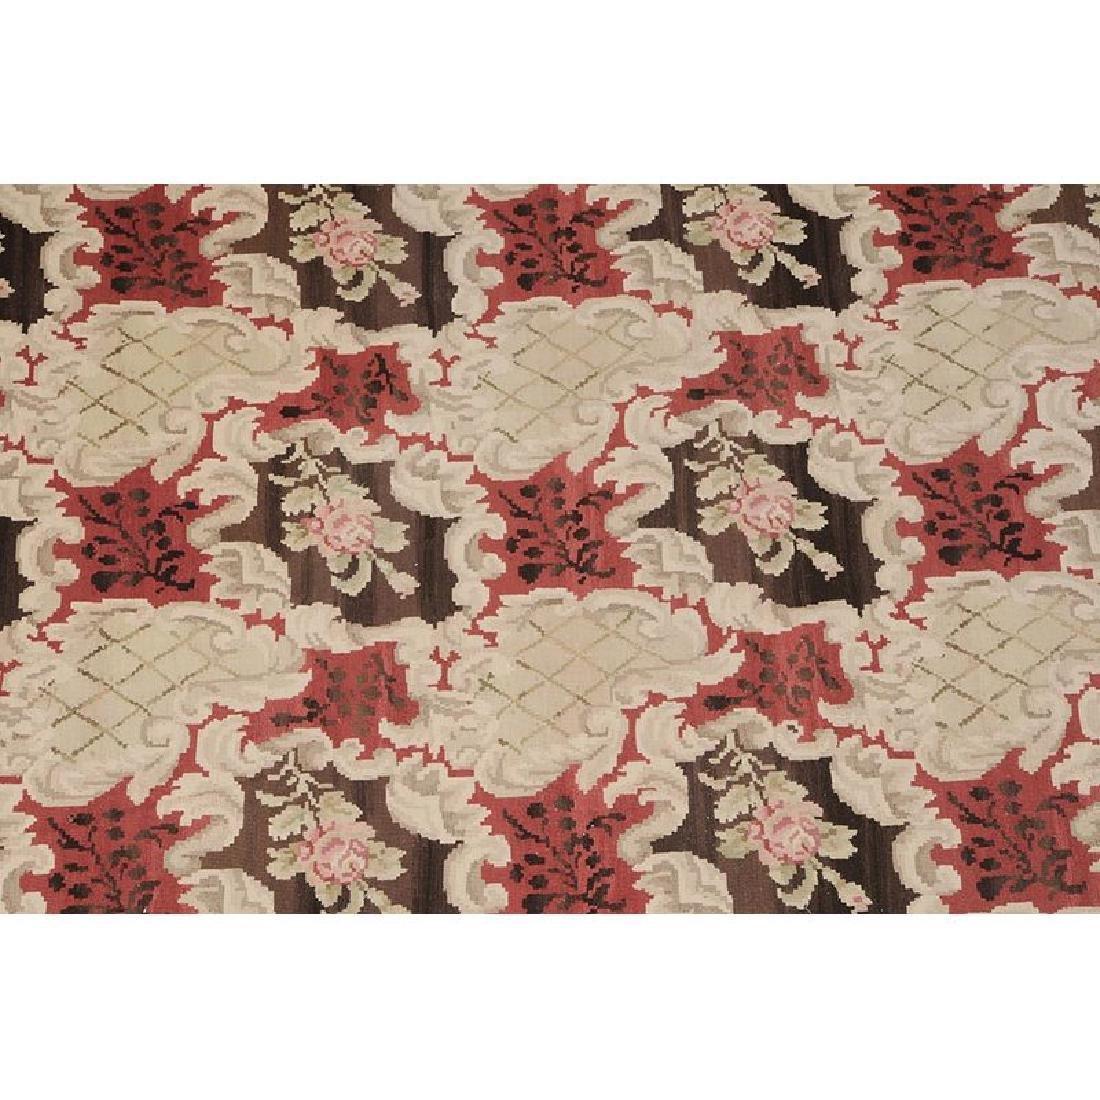 Bessarabian Style Kilim Carpet - 4